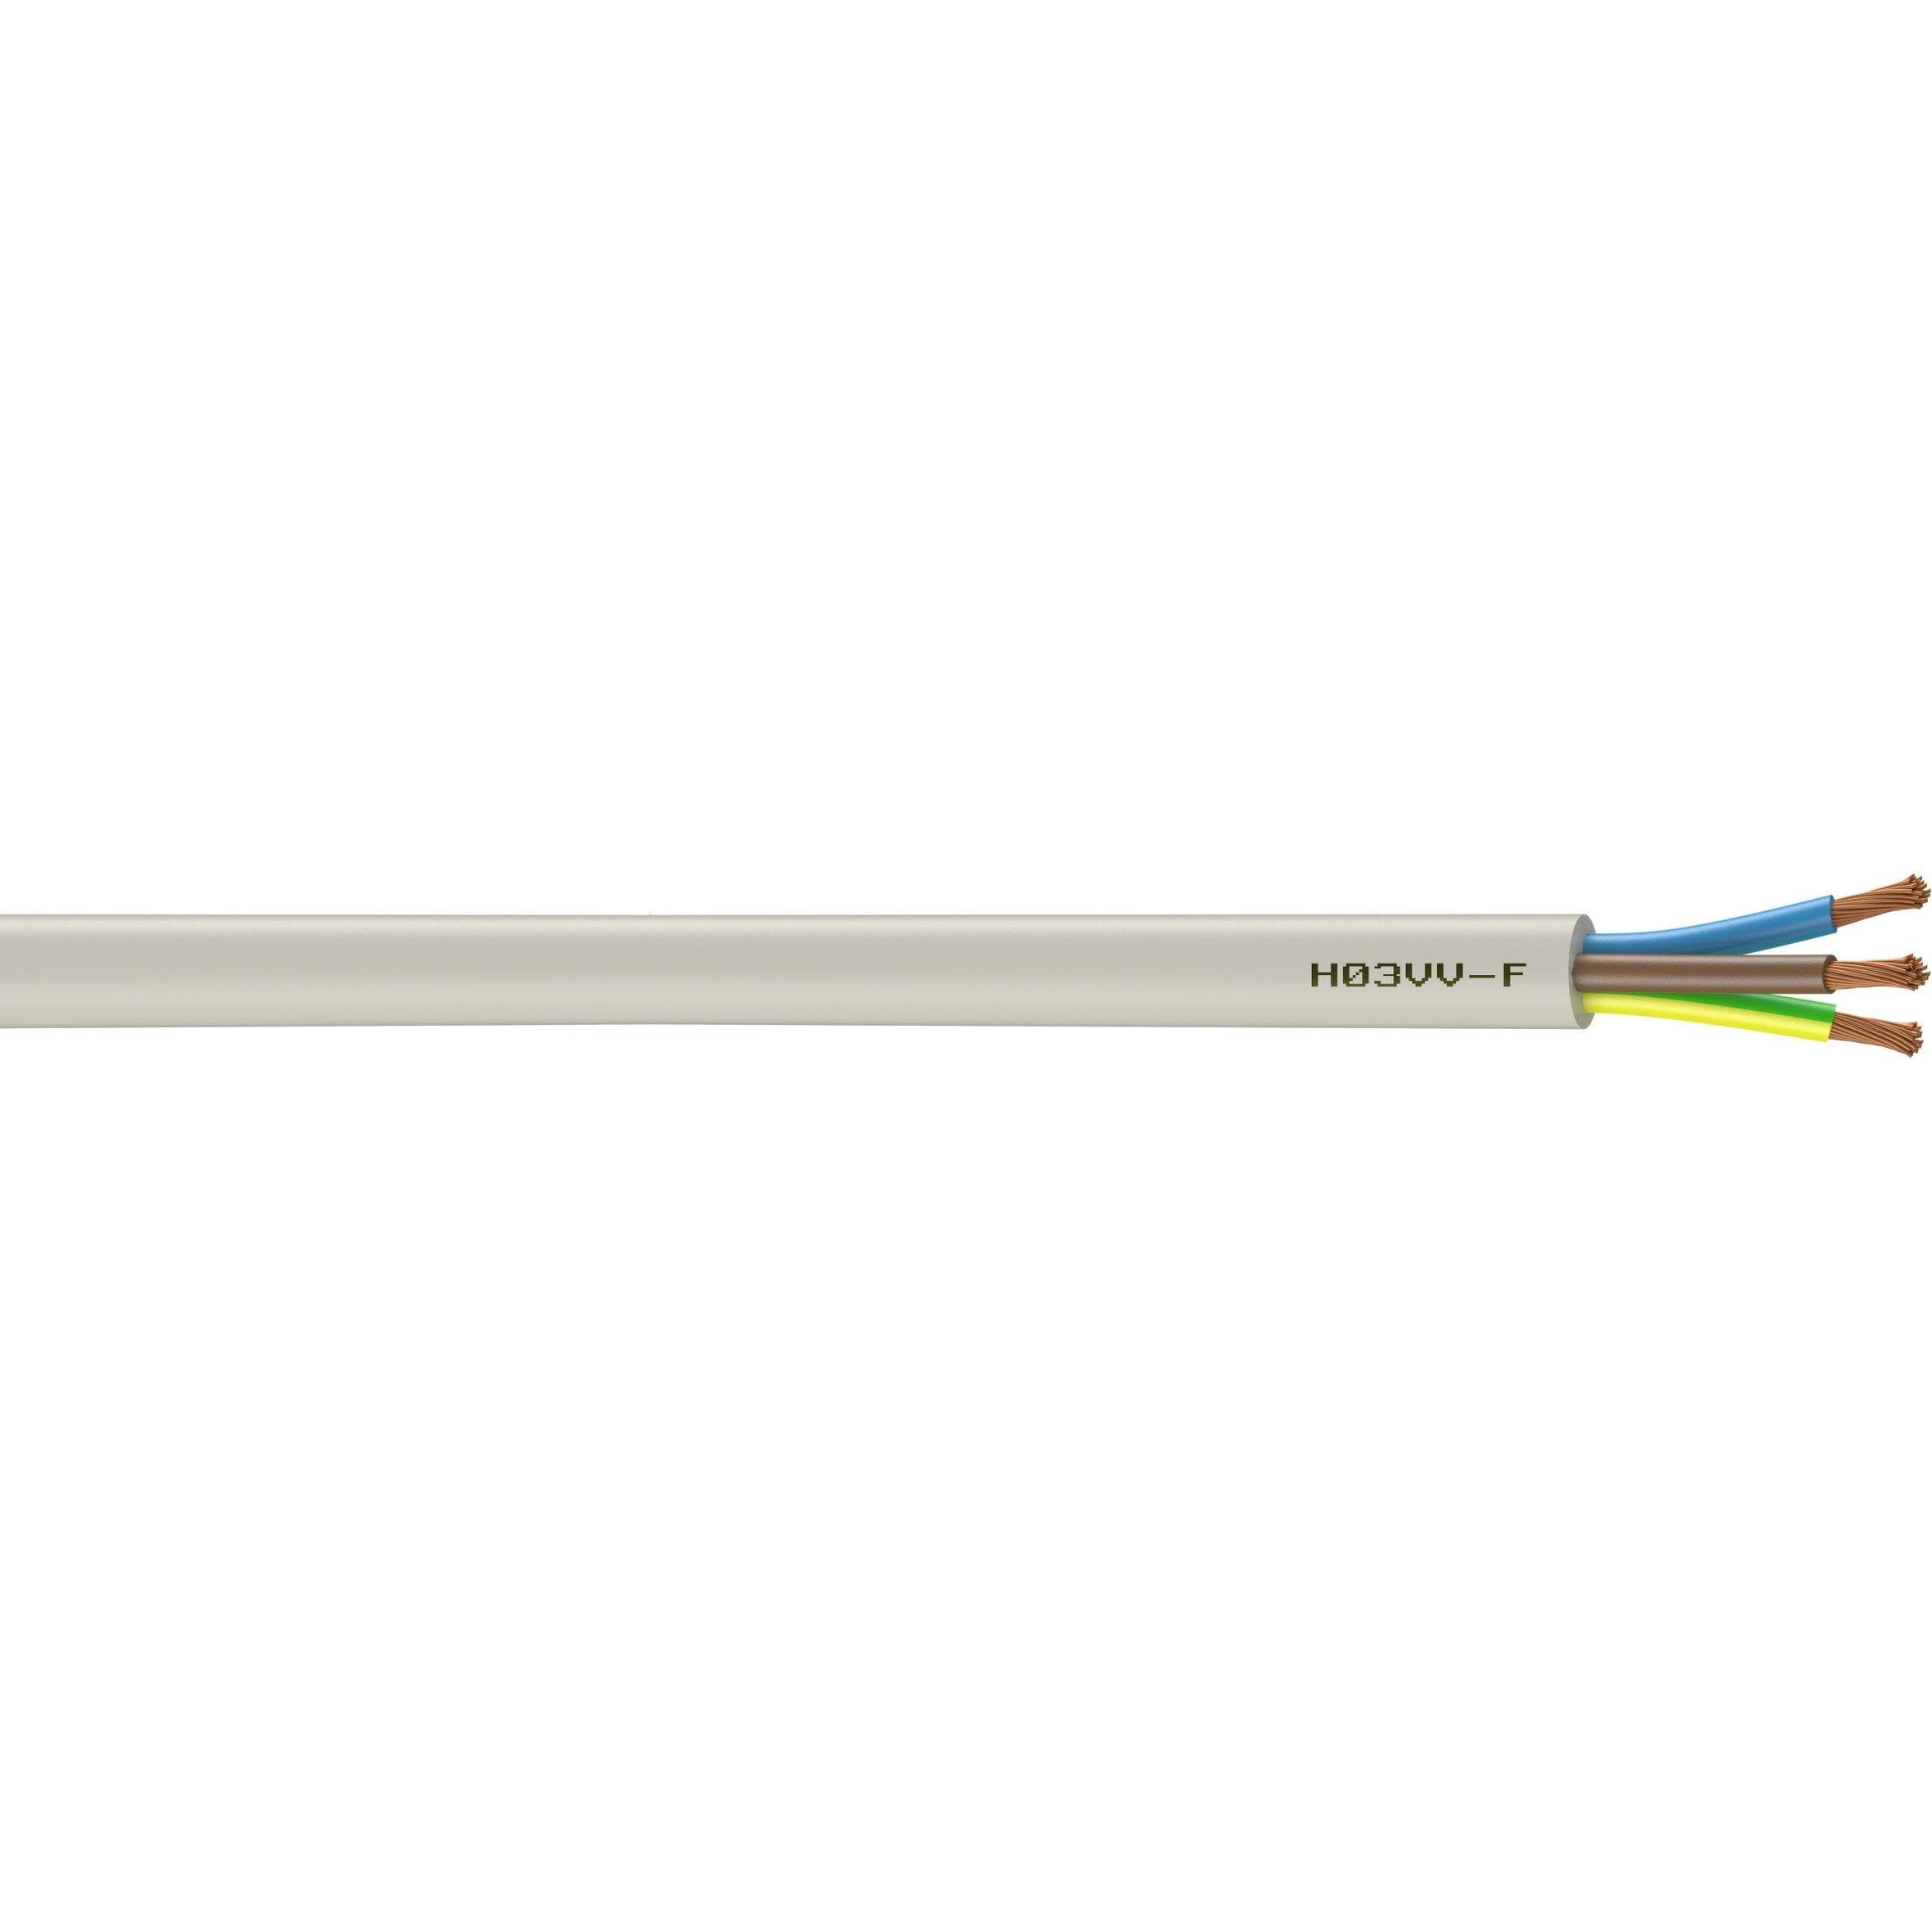 Cable Electrique 3 G 0 75 Mm H03vvf L 10 M Blanc Cable Electrique Electrique Et Blanc